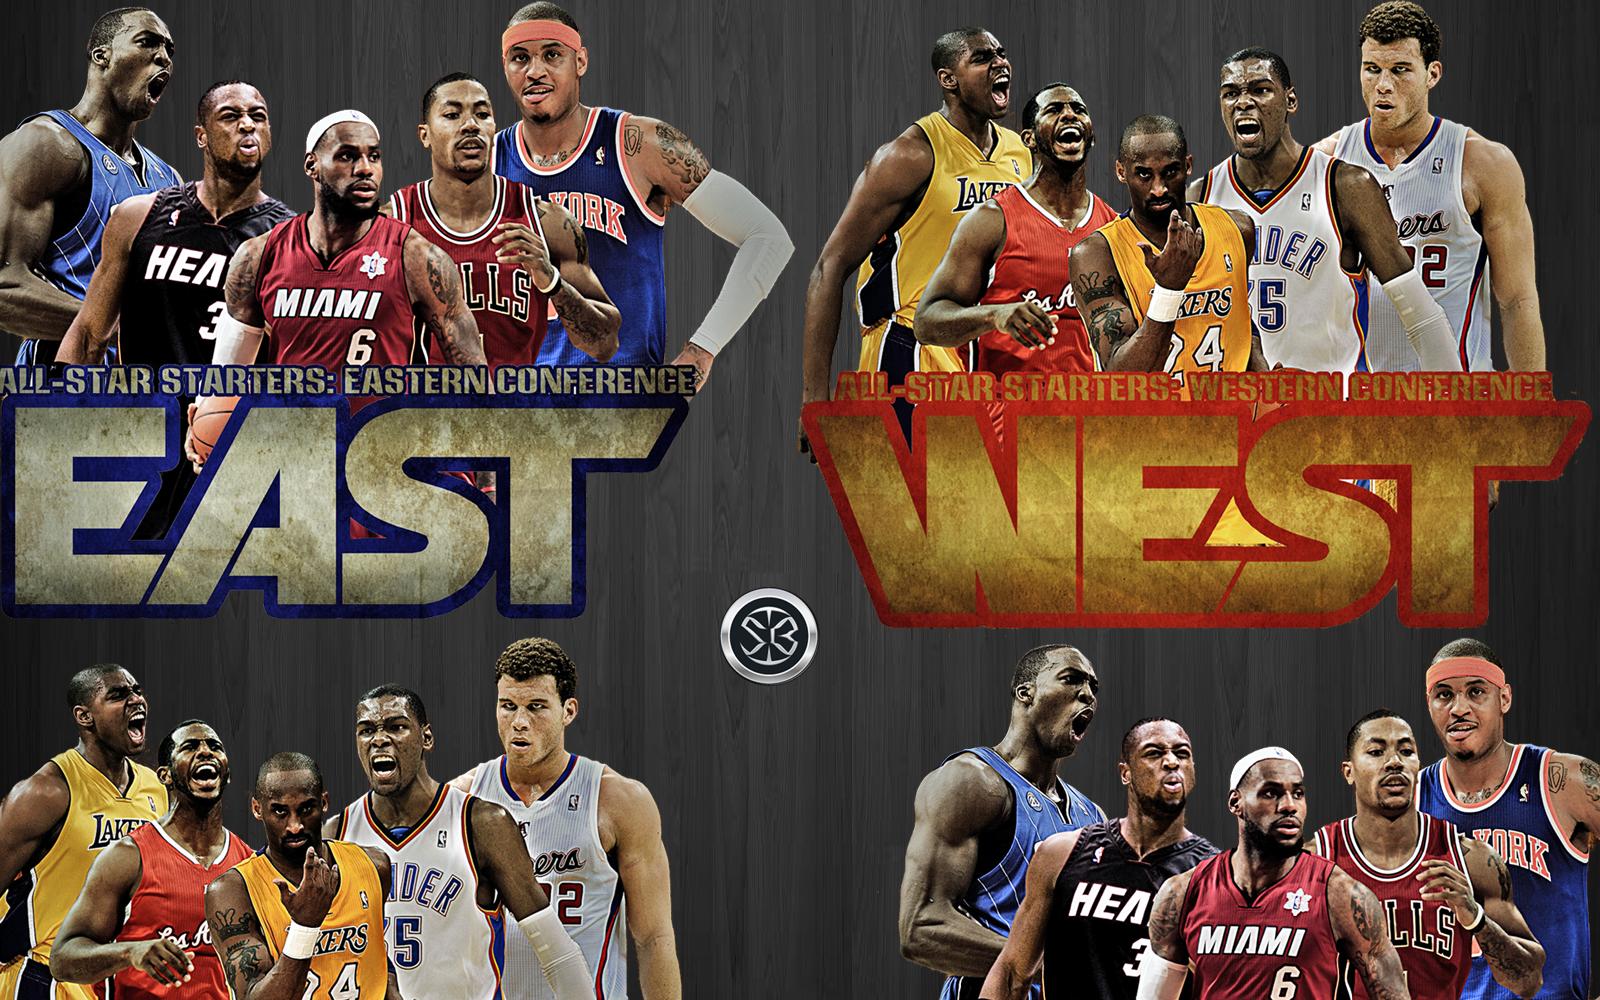 http://1.bp.blogspot.com/-R0mYgzYN45Q/T0qzFCmQ7dI/AAAAAAAAFuQ/_ogrg_lPF-8/s1600/NBA_All_Star_Streetball_Wallpaper_2012.png